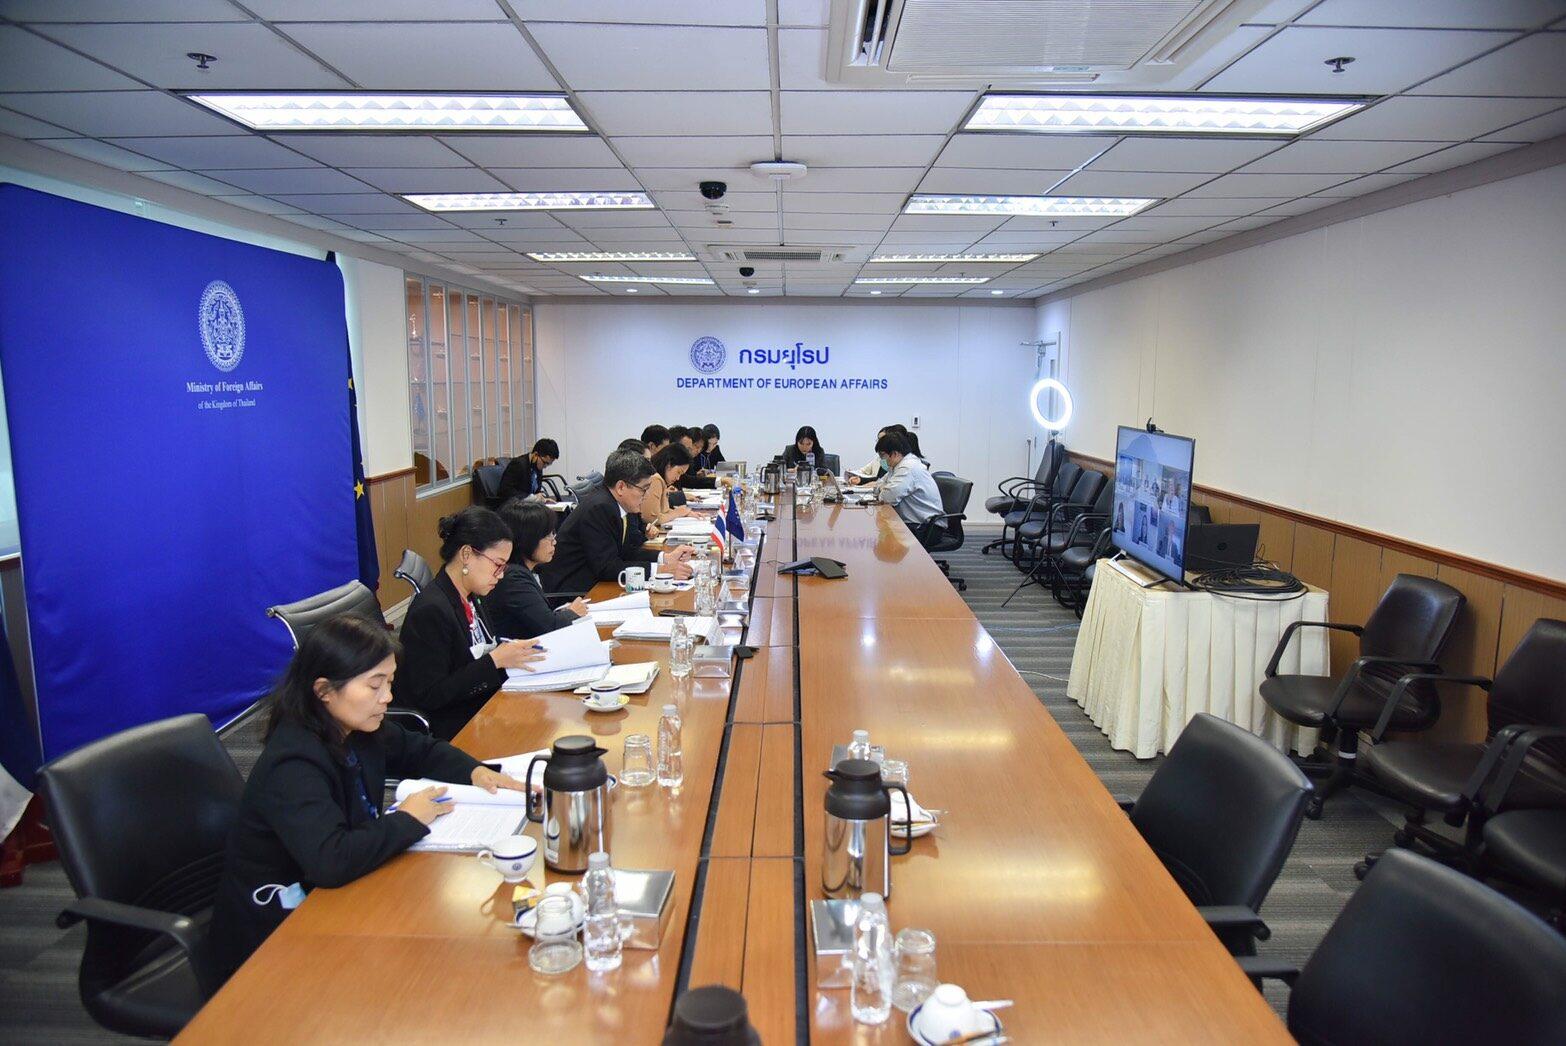 ประชุมจนท.ระดับสูงไทย-อียู ครั้งที่ 15 หารือความร่วมมือรอบด้าน เร่งคุยเอฟทีเอ-ลงนามพีซีเอ